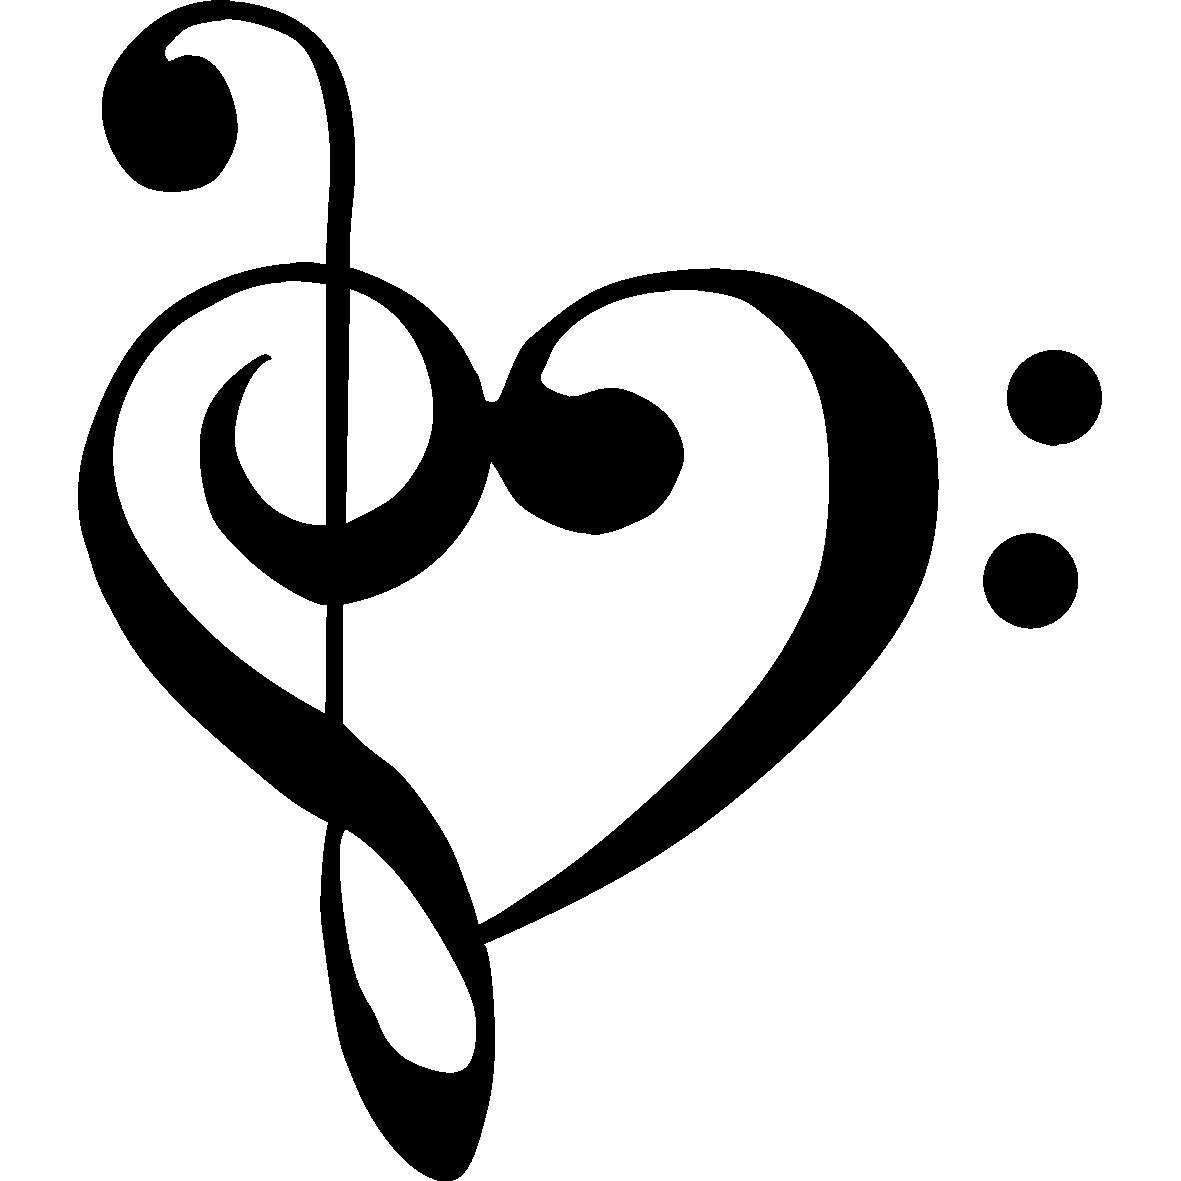 Enthralling G Music Notes Heart Wallpaper Clipart Panda Free Clipart Images Music Notes My Heart Will Go On Music Notes Heart houzz-03 Music Notes Heart